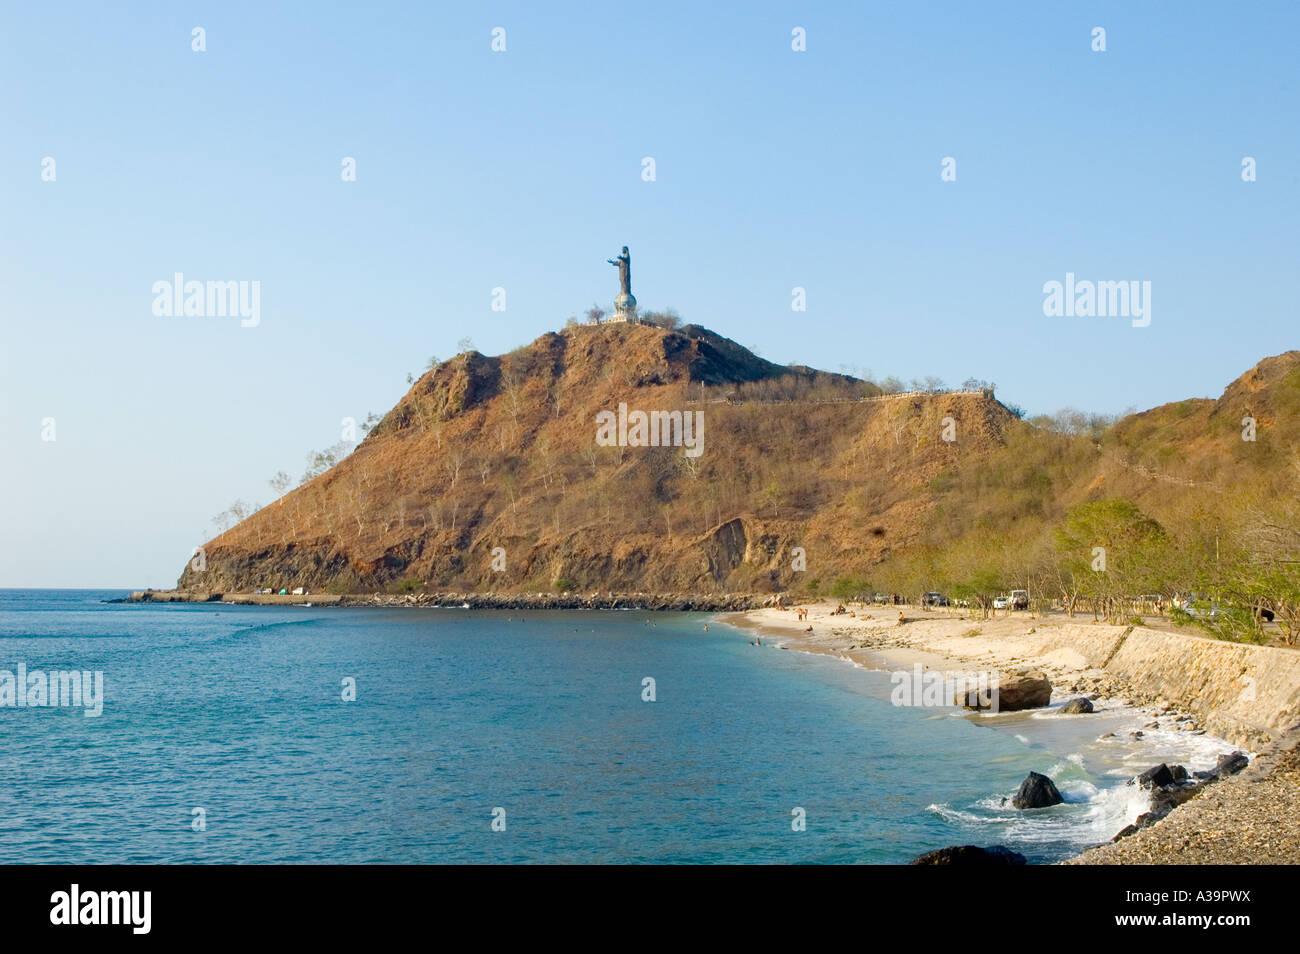 La statue du Christ, Dili, Timor Oriental Banque D'Images